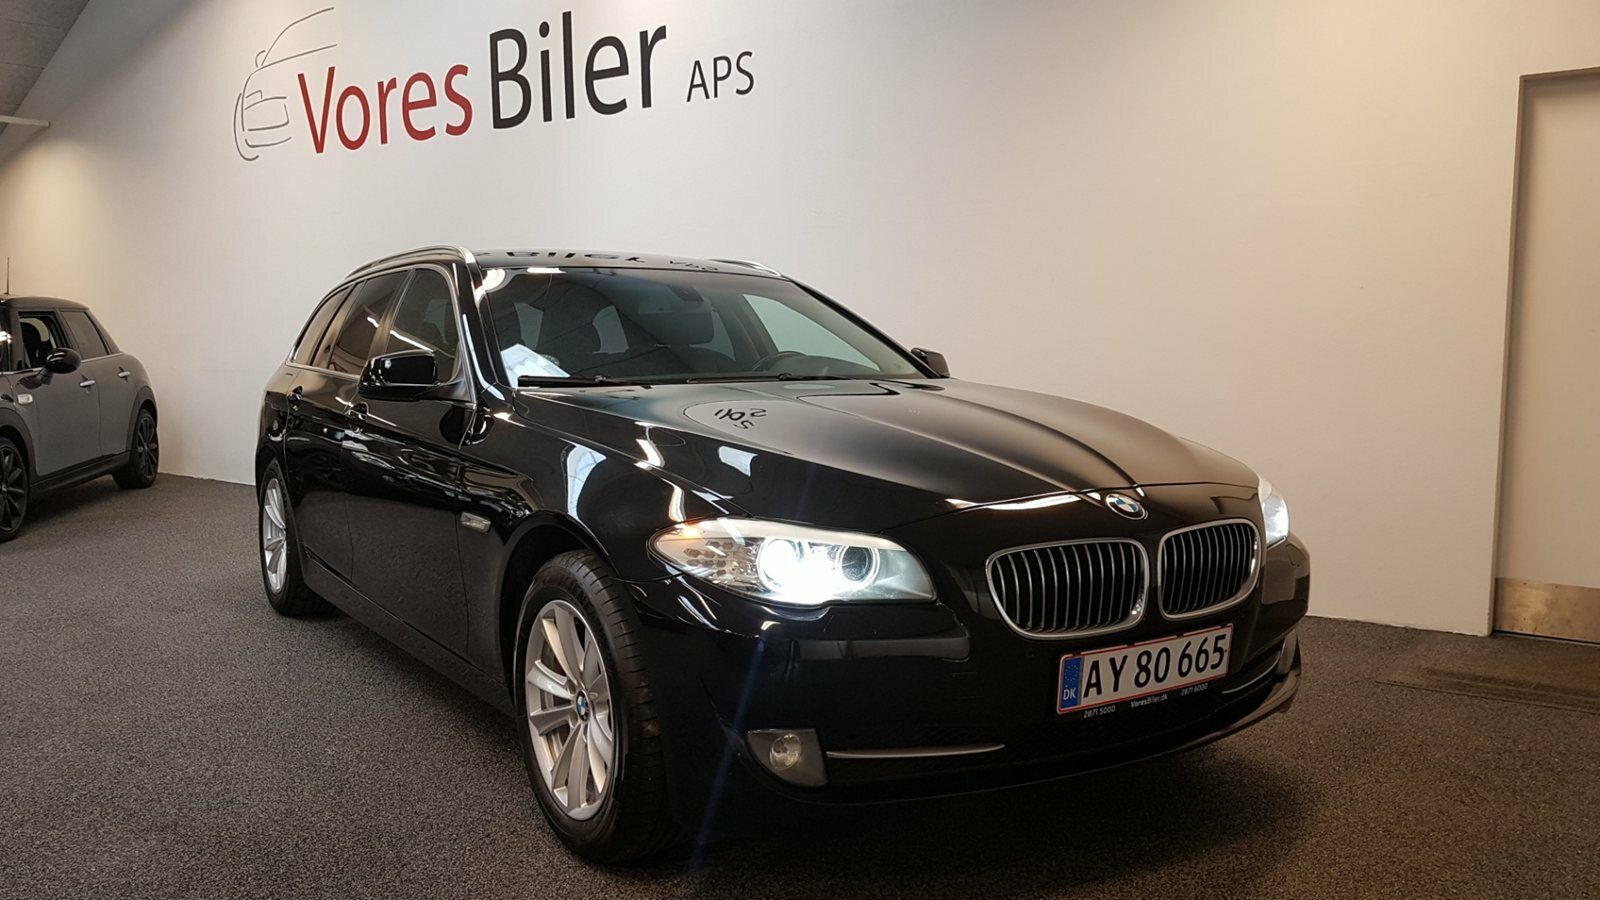 BMW 520d 2,0 Touring aut. 5d - 224.900 kr.